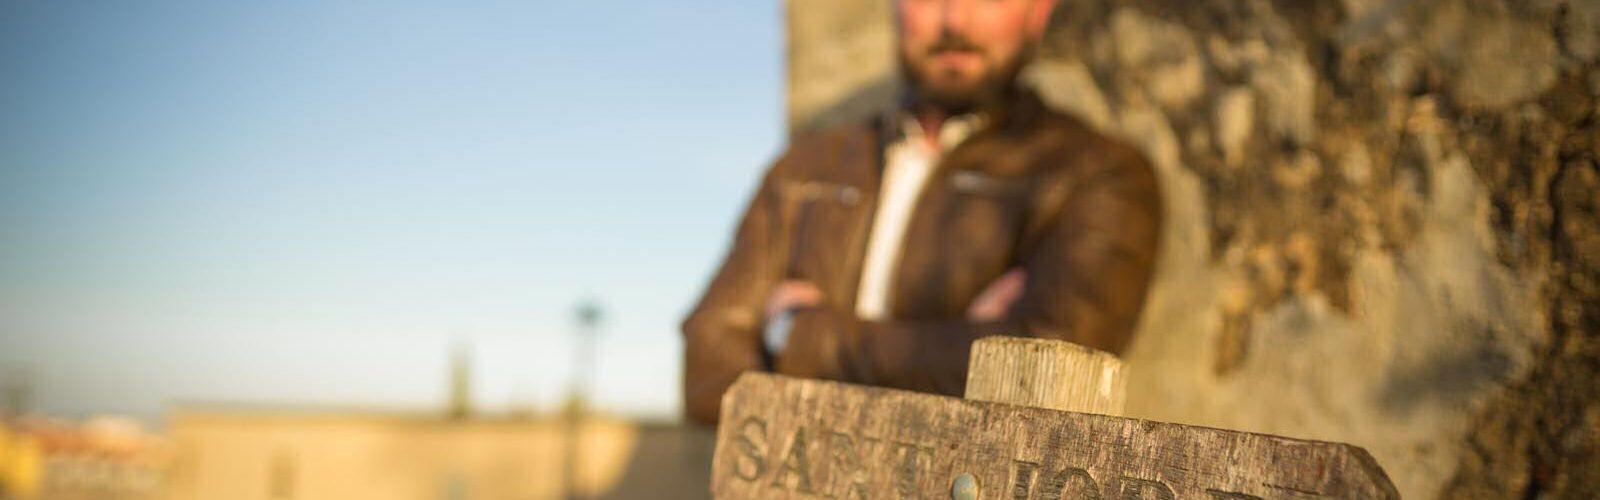 El Ayuntamiento y la Diócesis de Tortosa estudian la restauración del histórico órgano de Sant Jordi